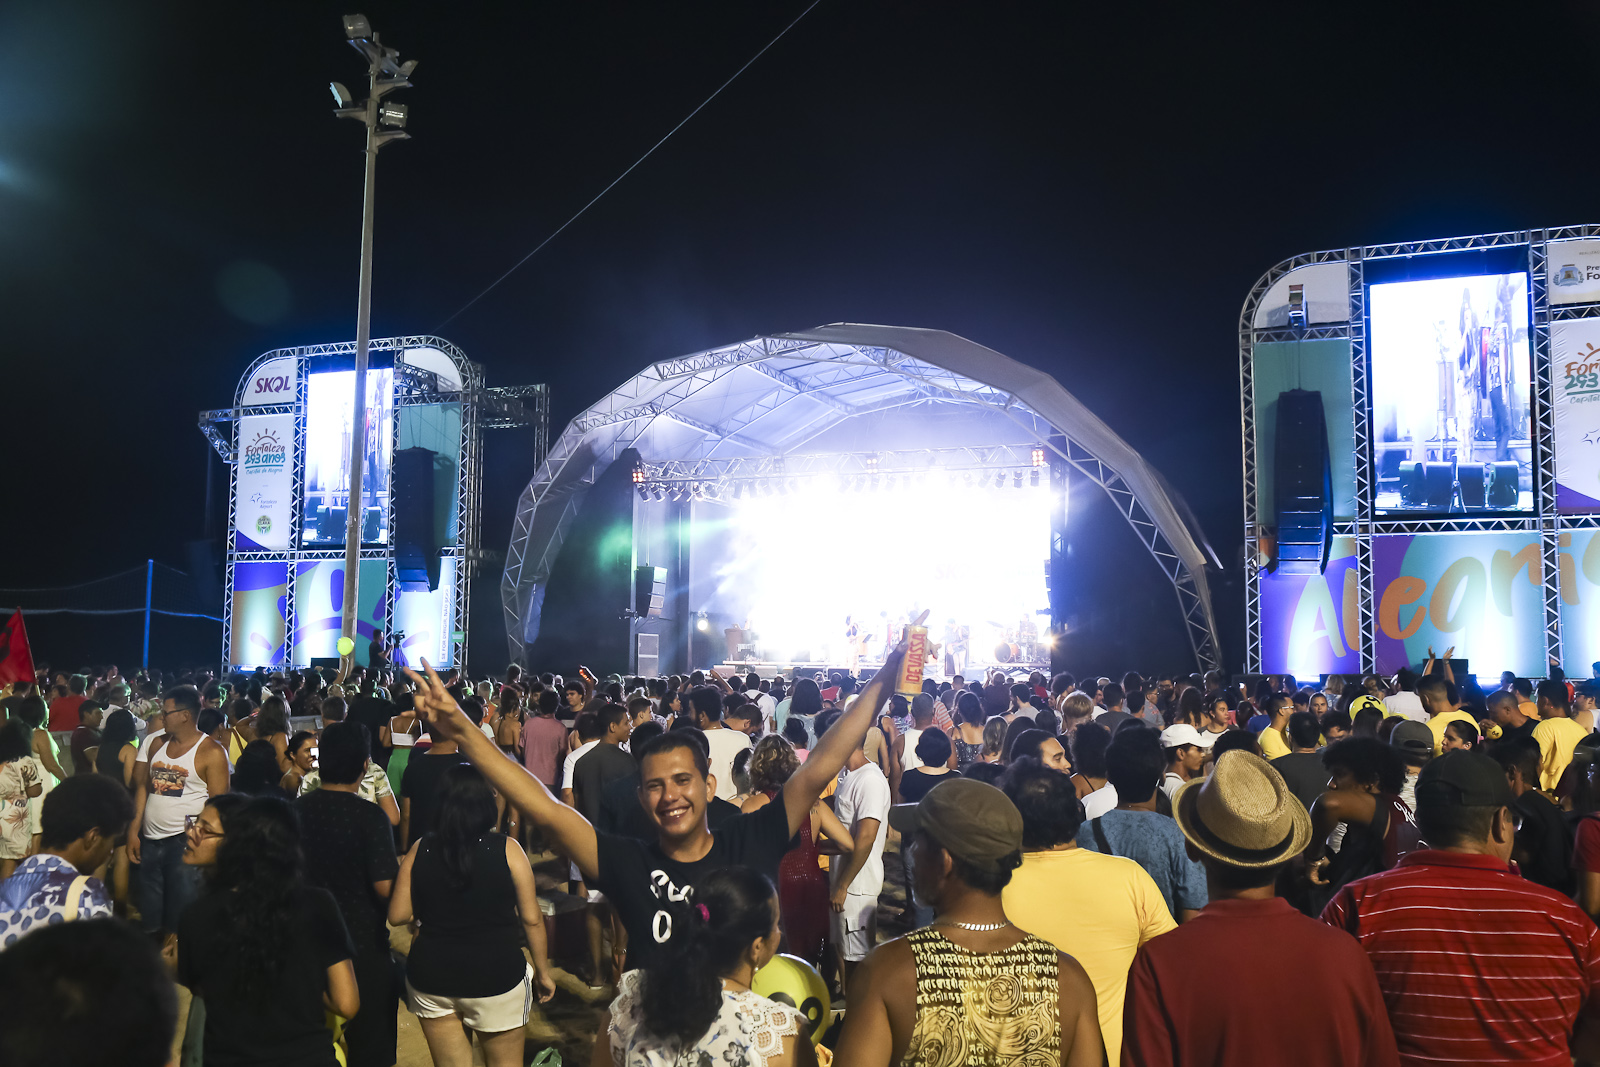 Fortaleza comemorou 293 anos, com uma extensa programação cultural